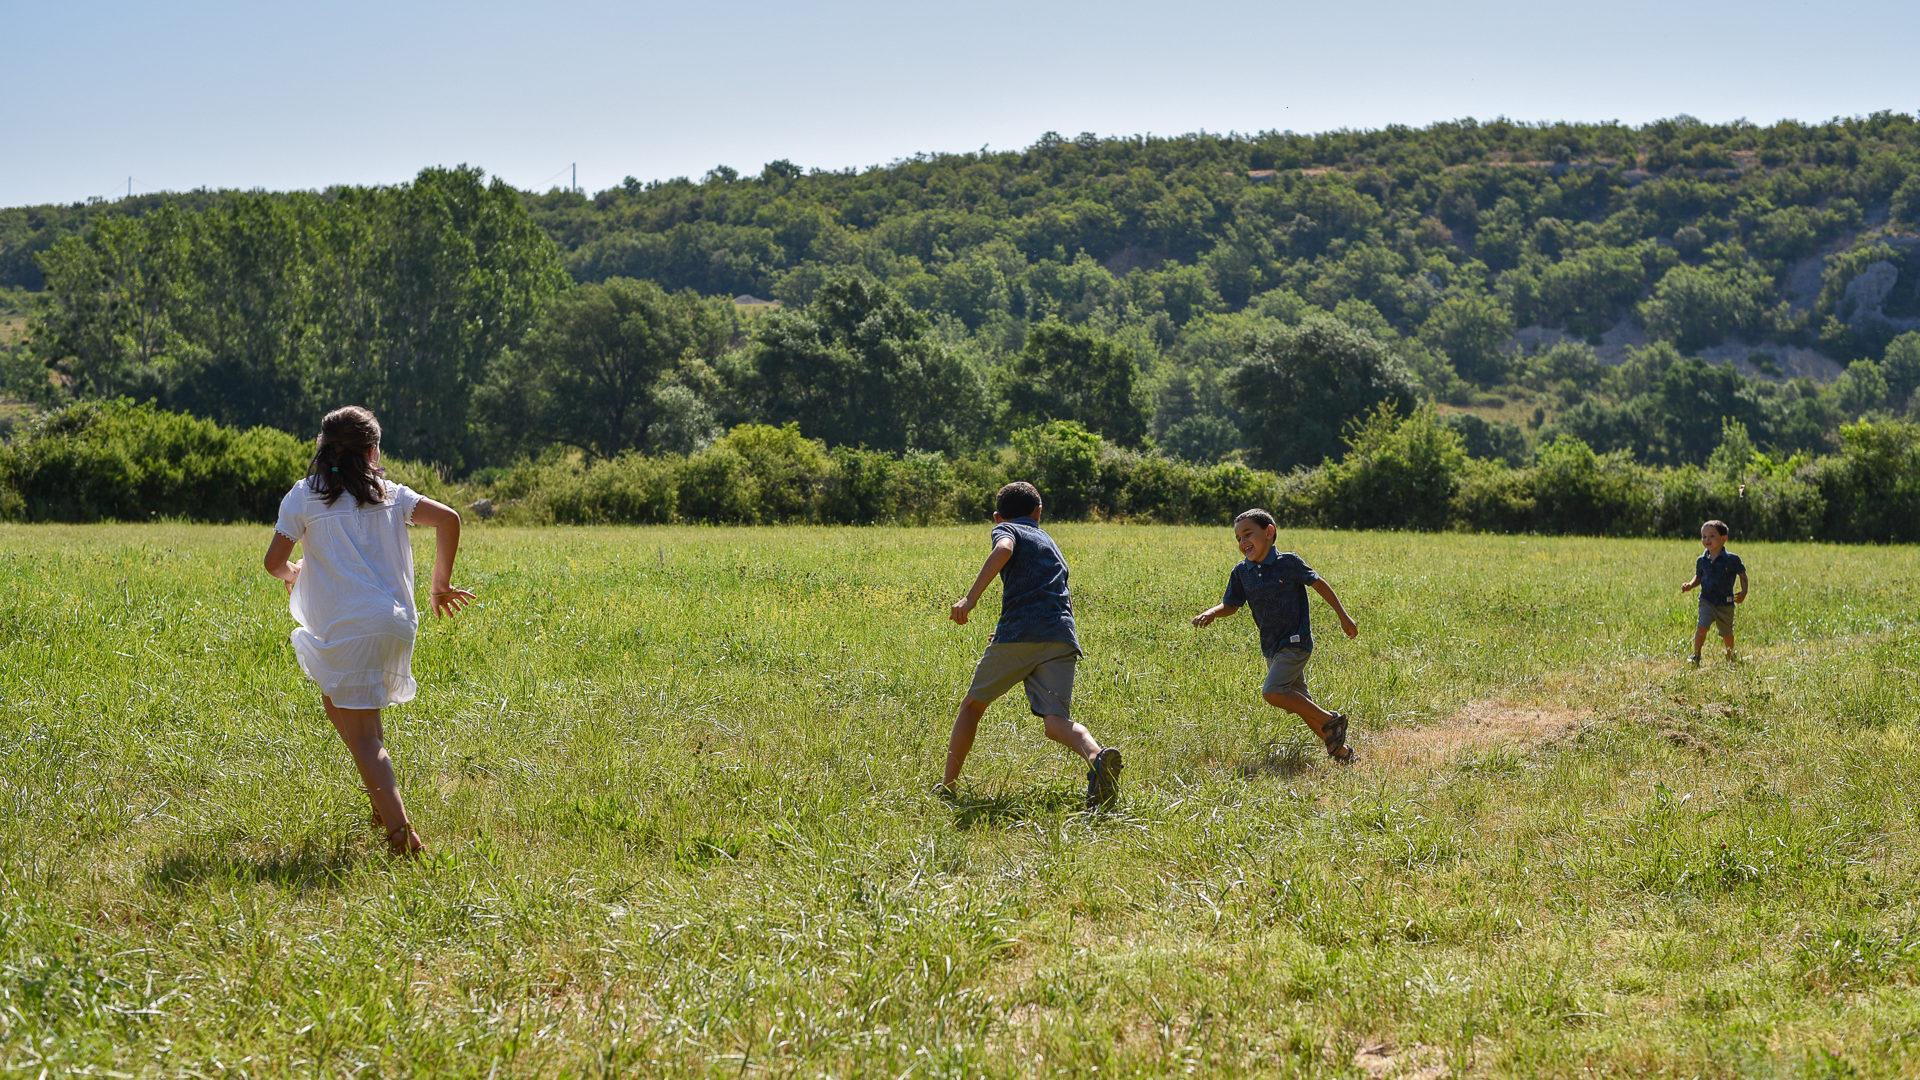 Des enfants courent dans l'écrin de verdure naturelle du Domaine Cassan